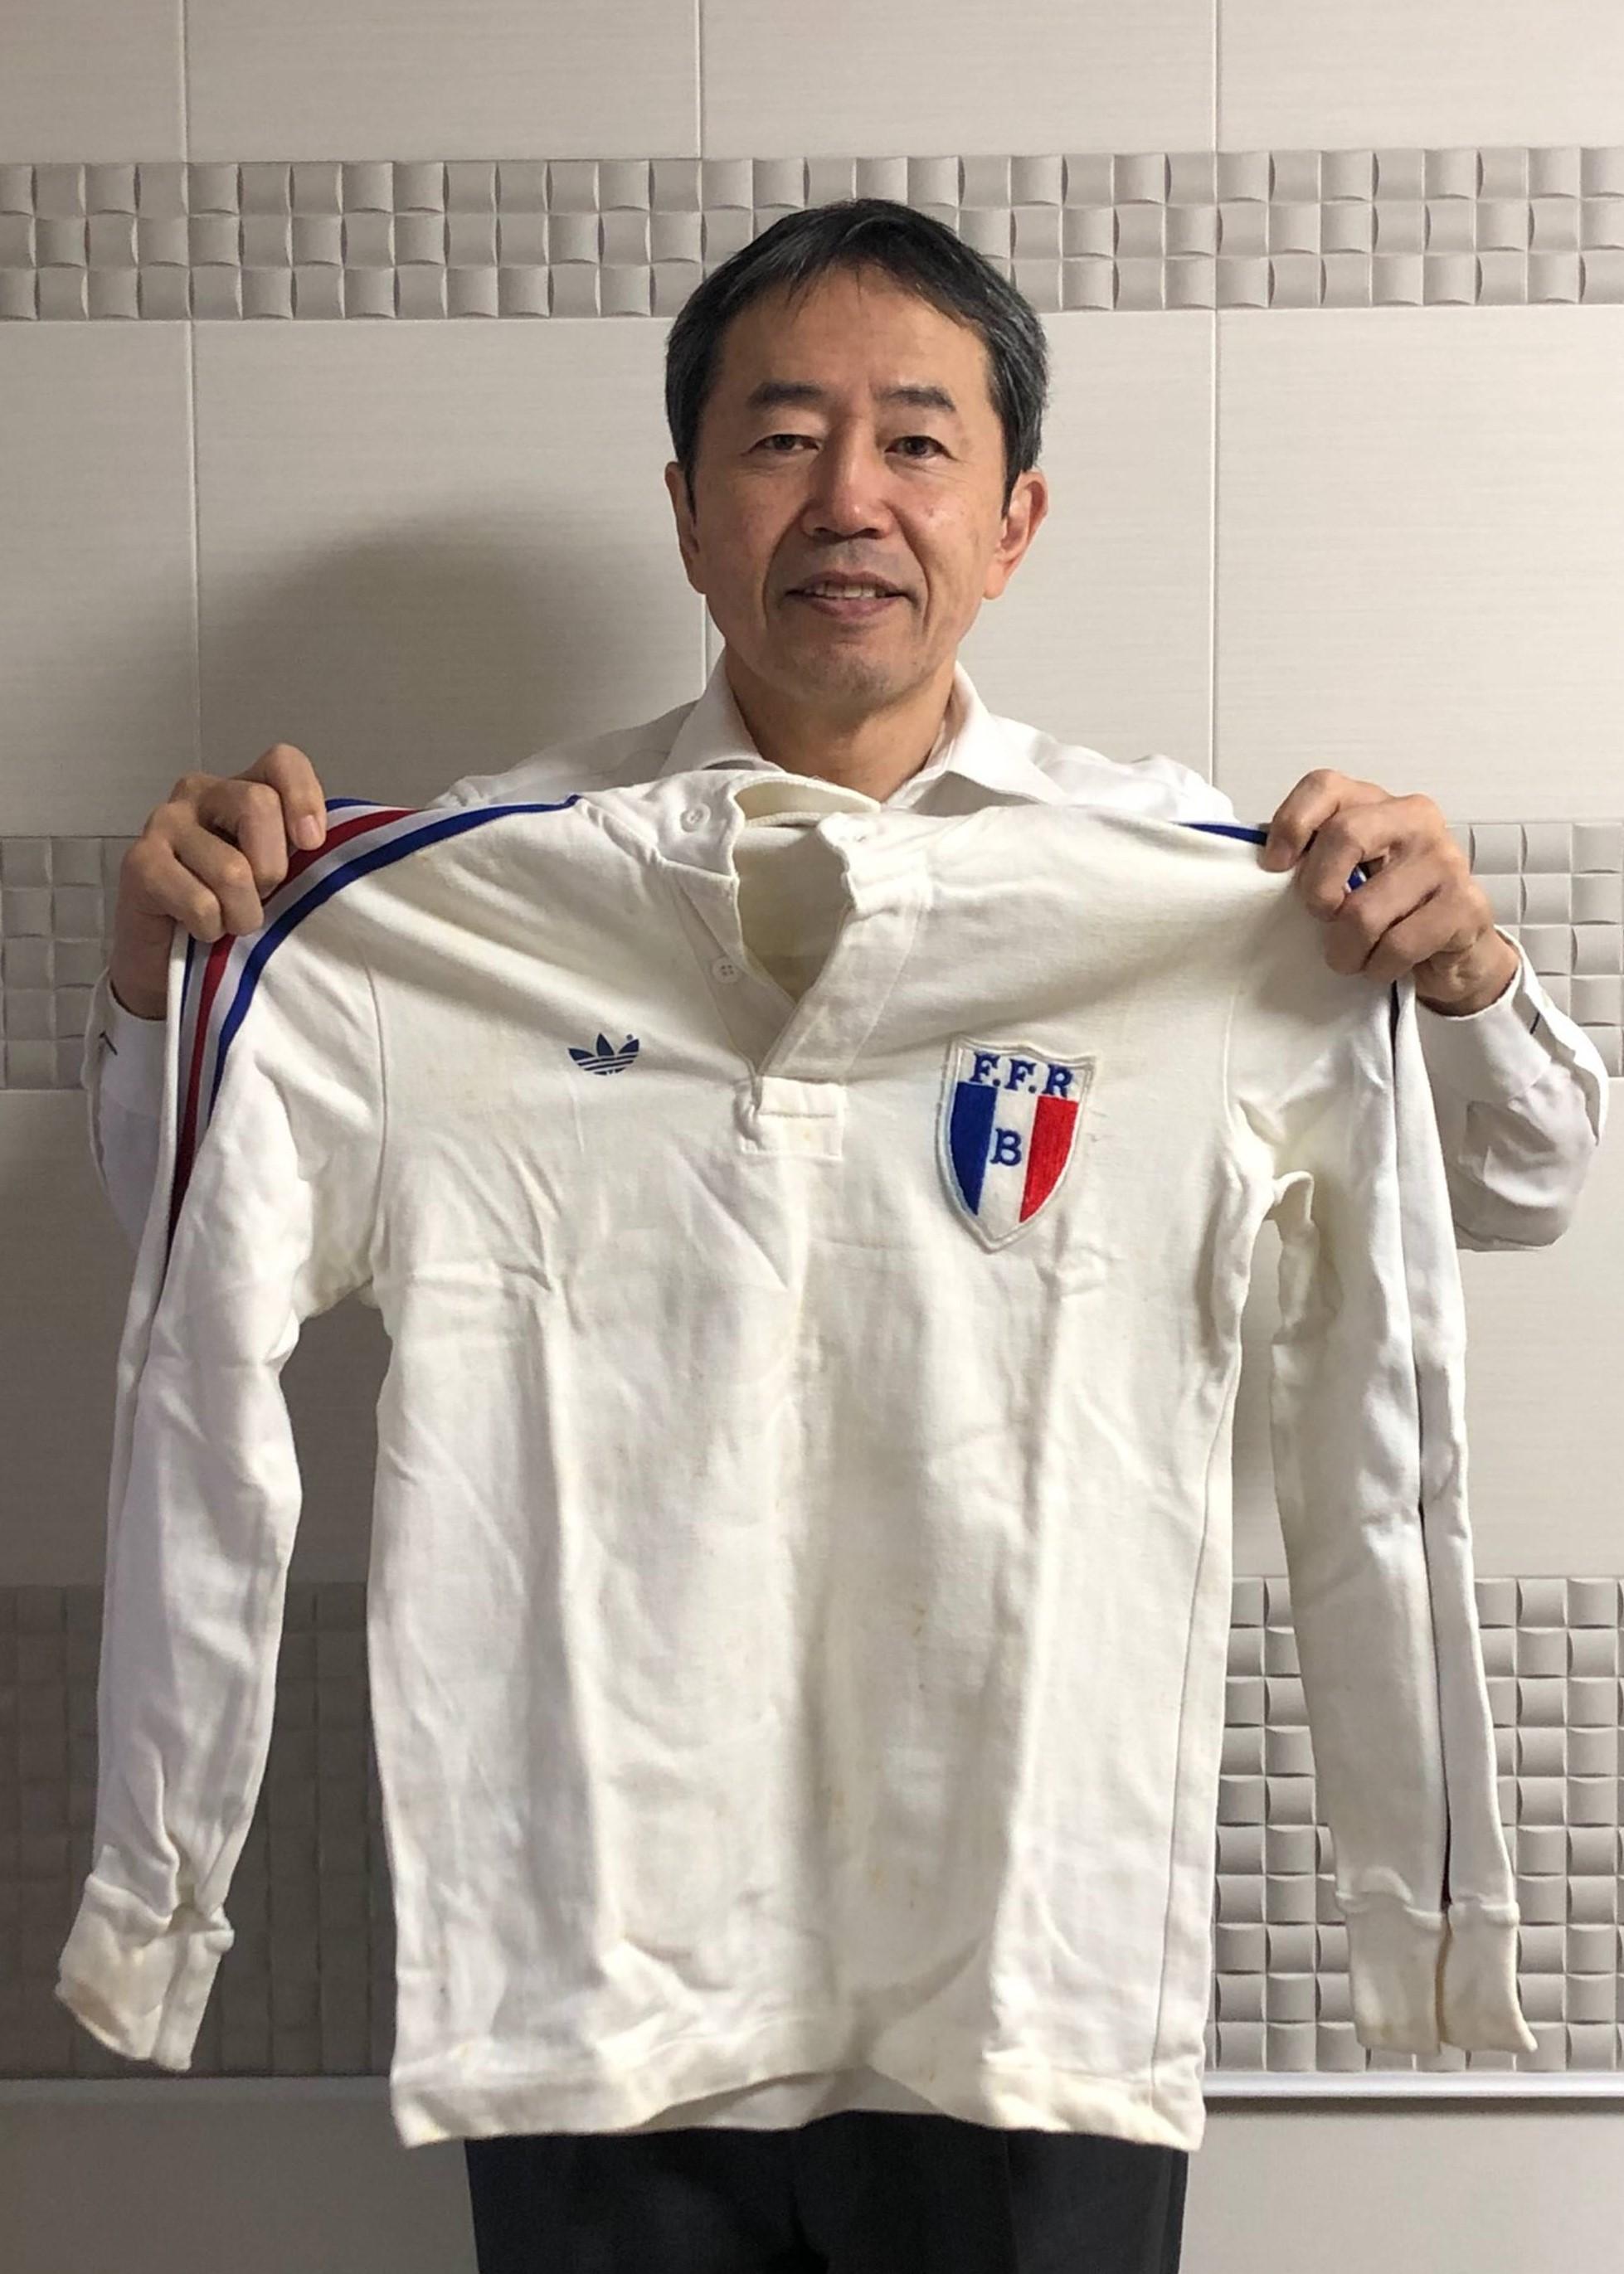 【公式】実使用「全日本フランス遠征の記念品」 松永 敏宏